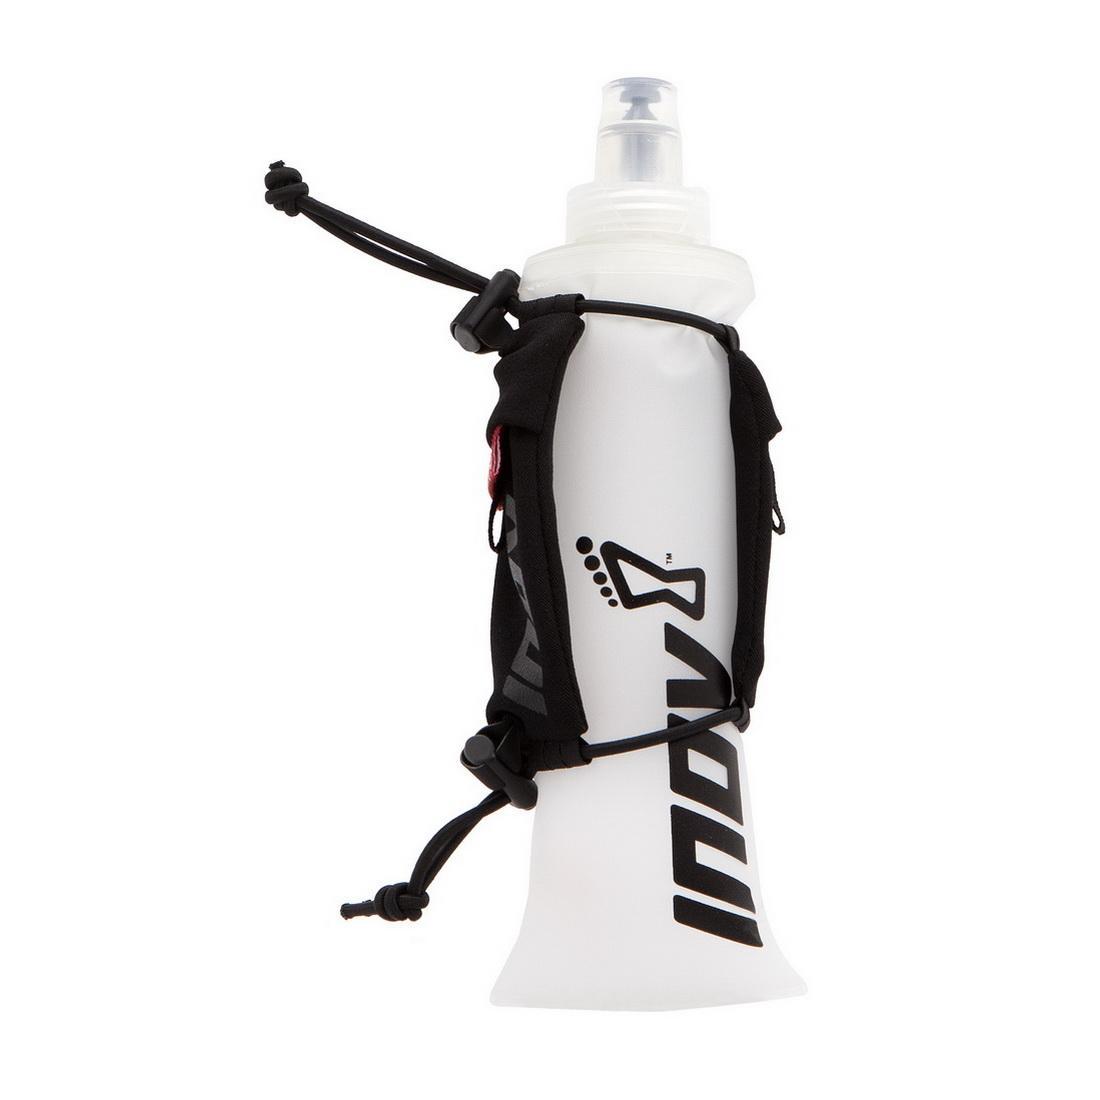 Чехол race ultra™ 0.25Аксессуары<br><br> Inov-8 Race-Ultra™ 0.25 представляет собой легкий и комфортный чехол, который с помощью ремня фиксируется на руке. Он позволяет всегда иметь с со...<br><br>Цвет: Черный<br>Размер: None